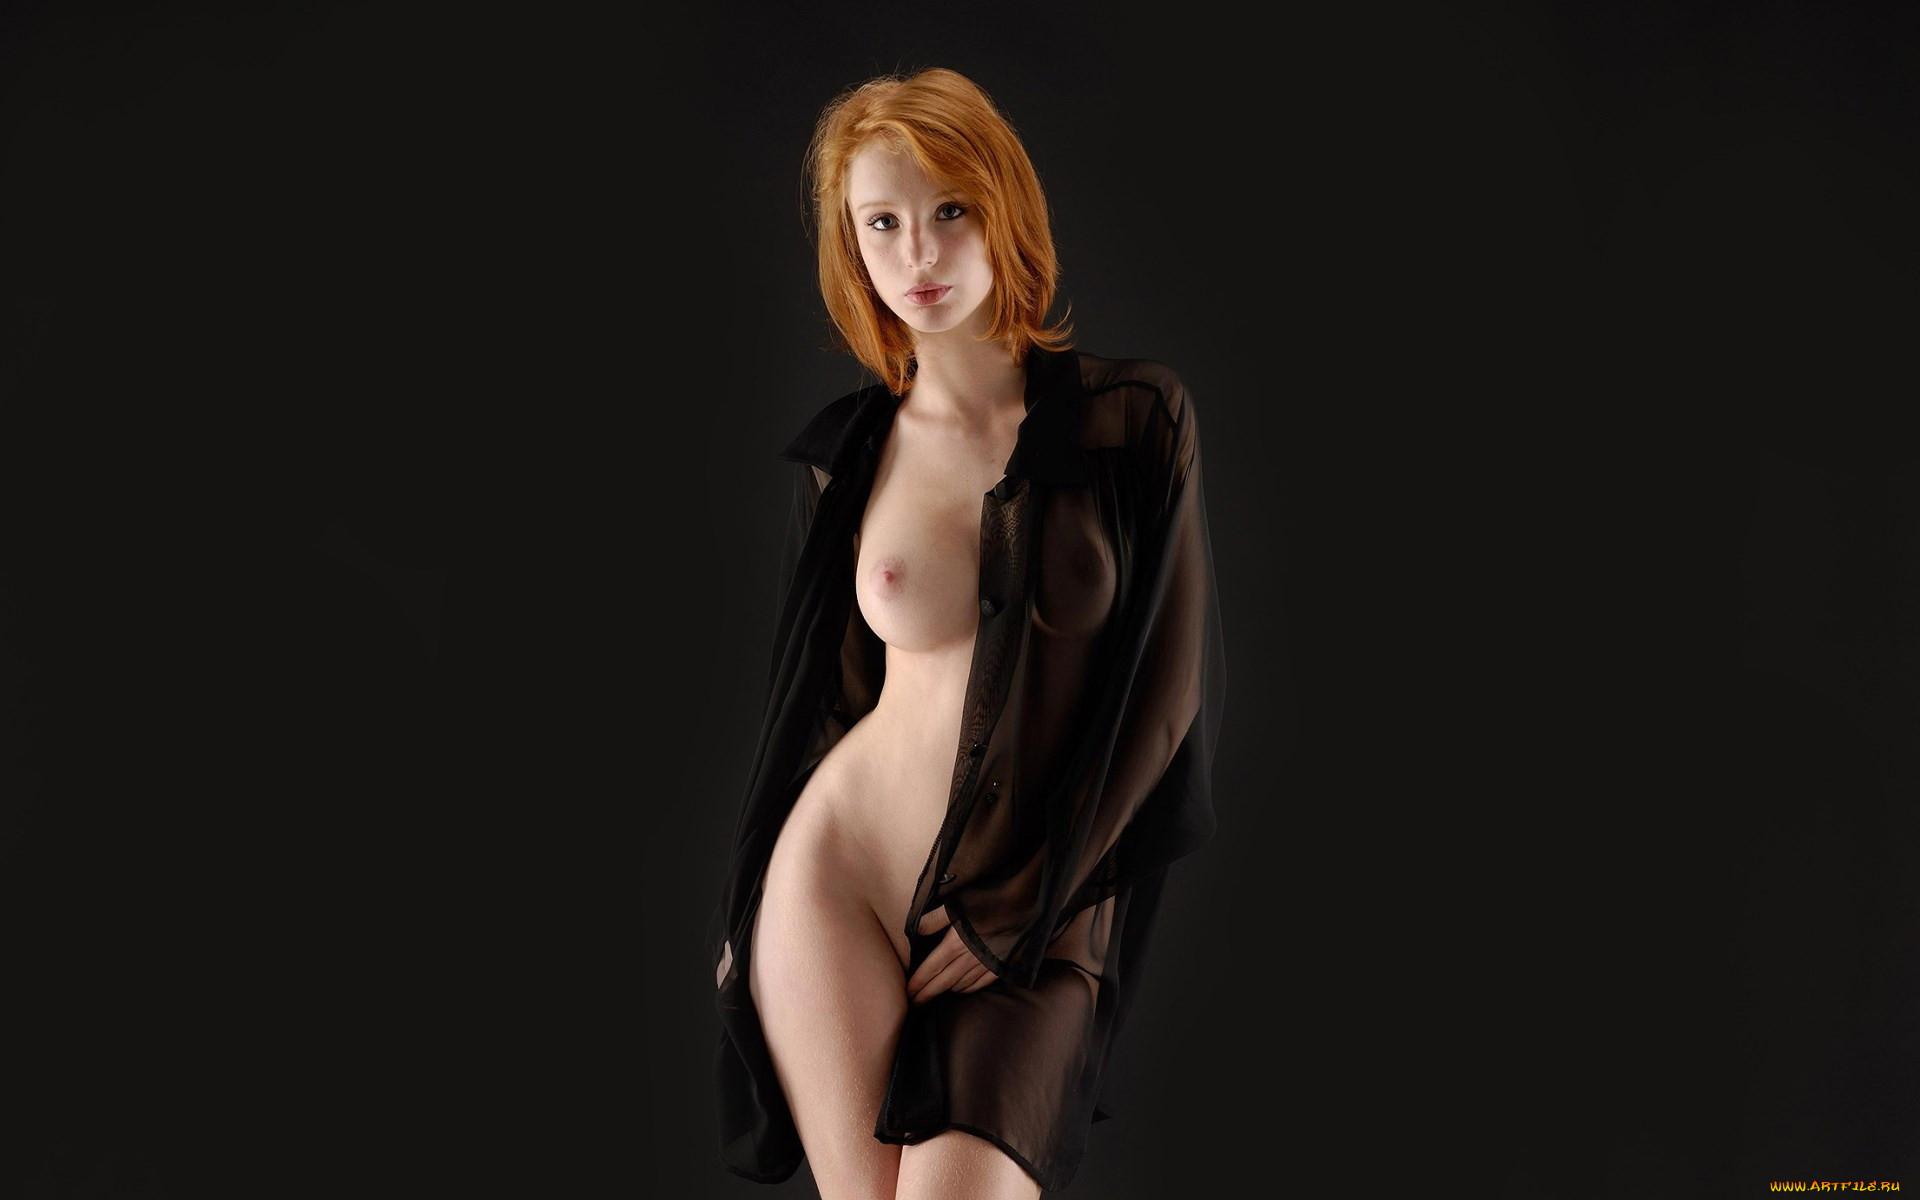 novie-eroticheskie-oboi